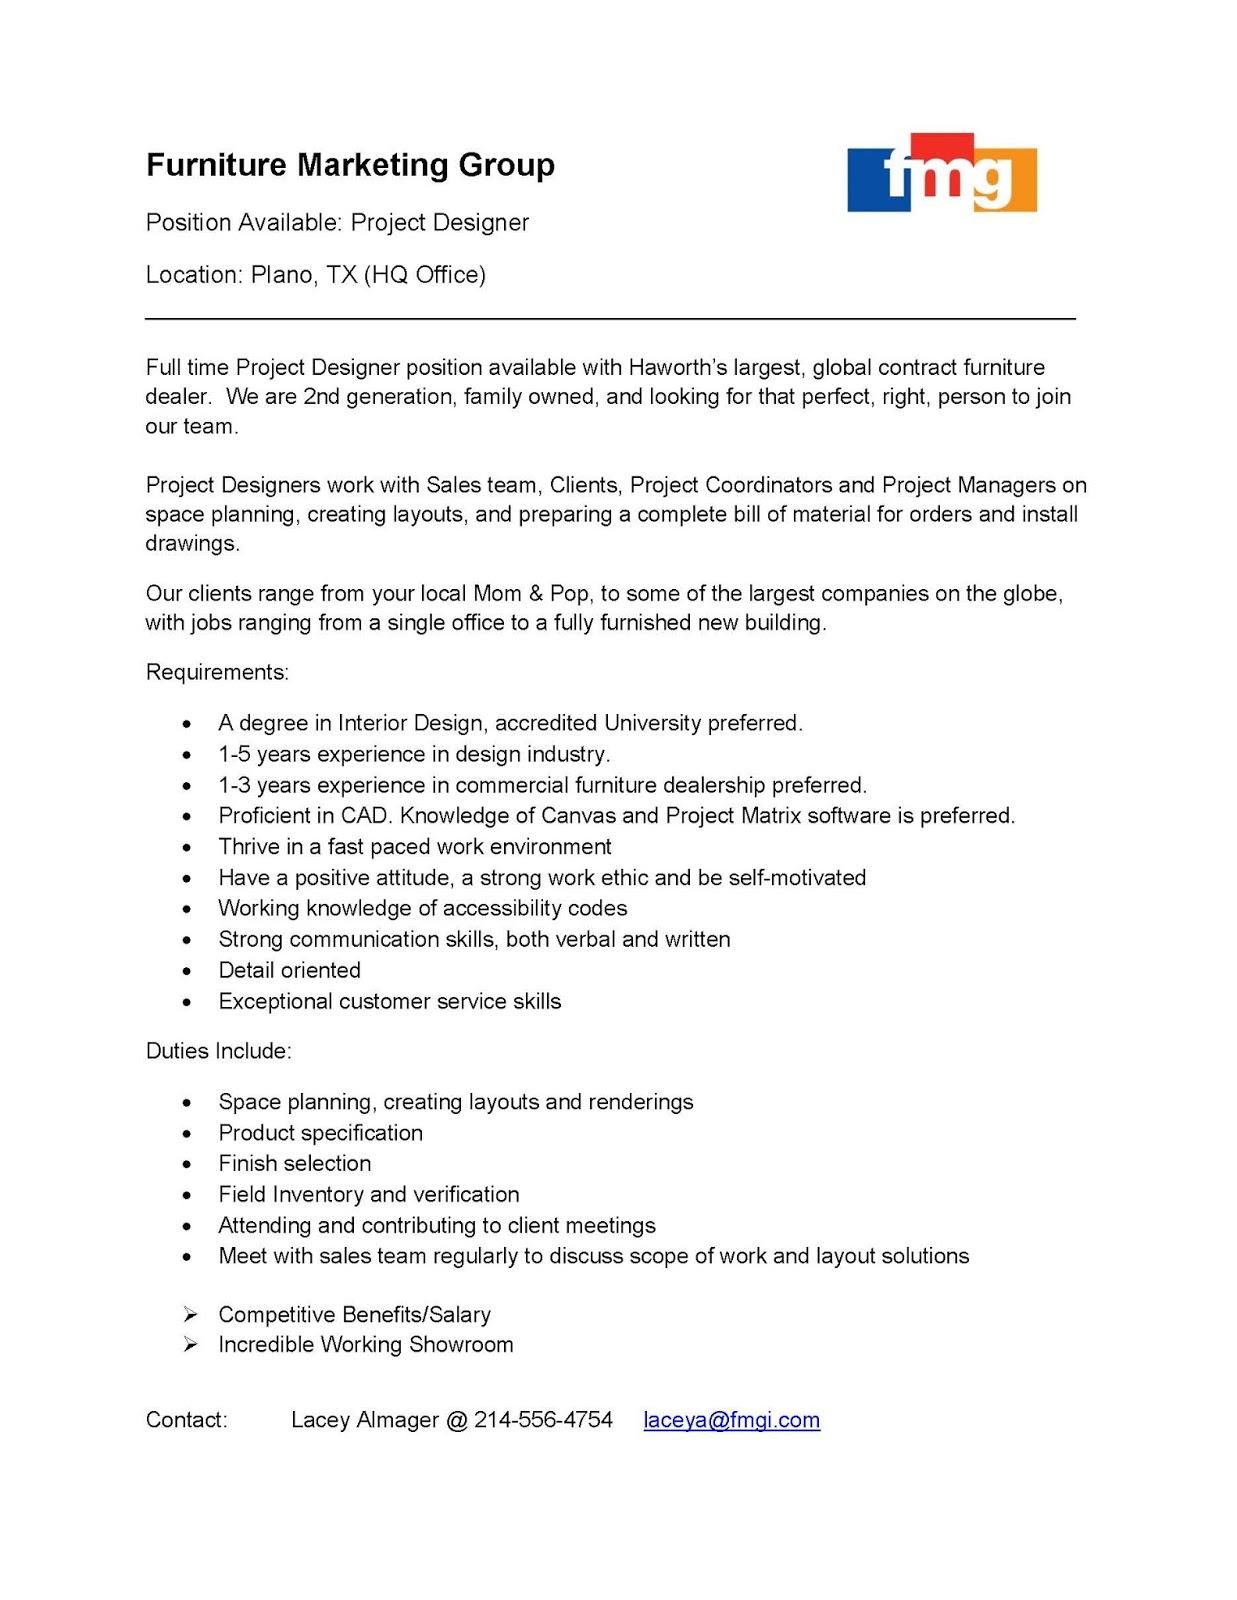 Interior Design Blog Project Designer Position At Furniture Marketing Group